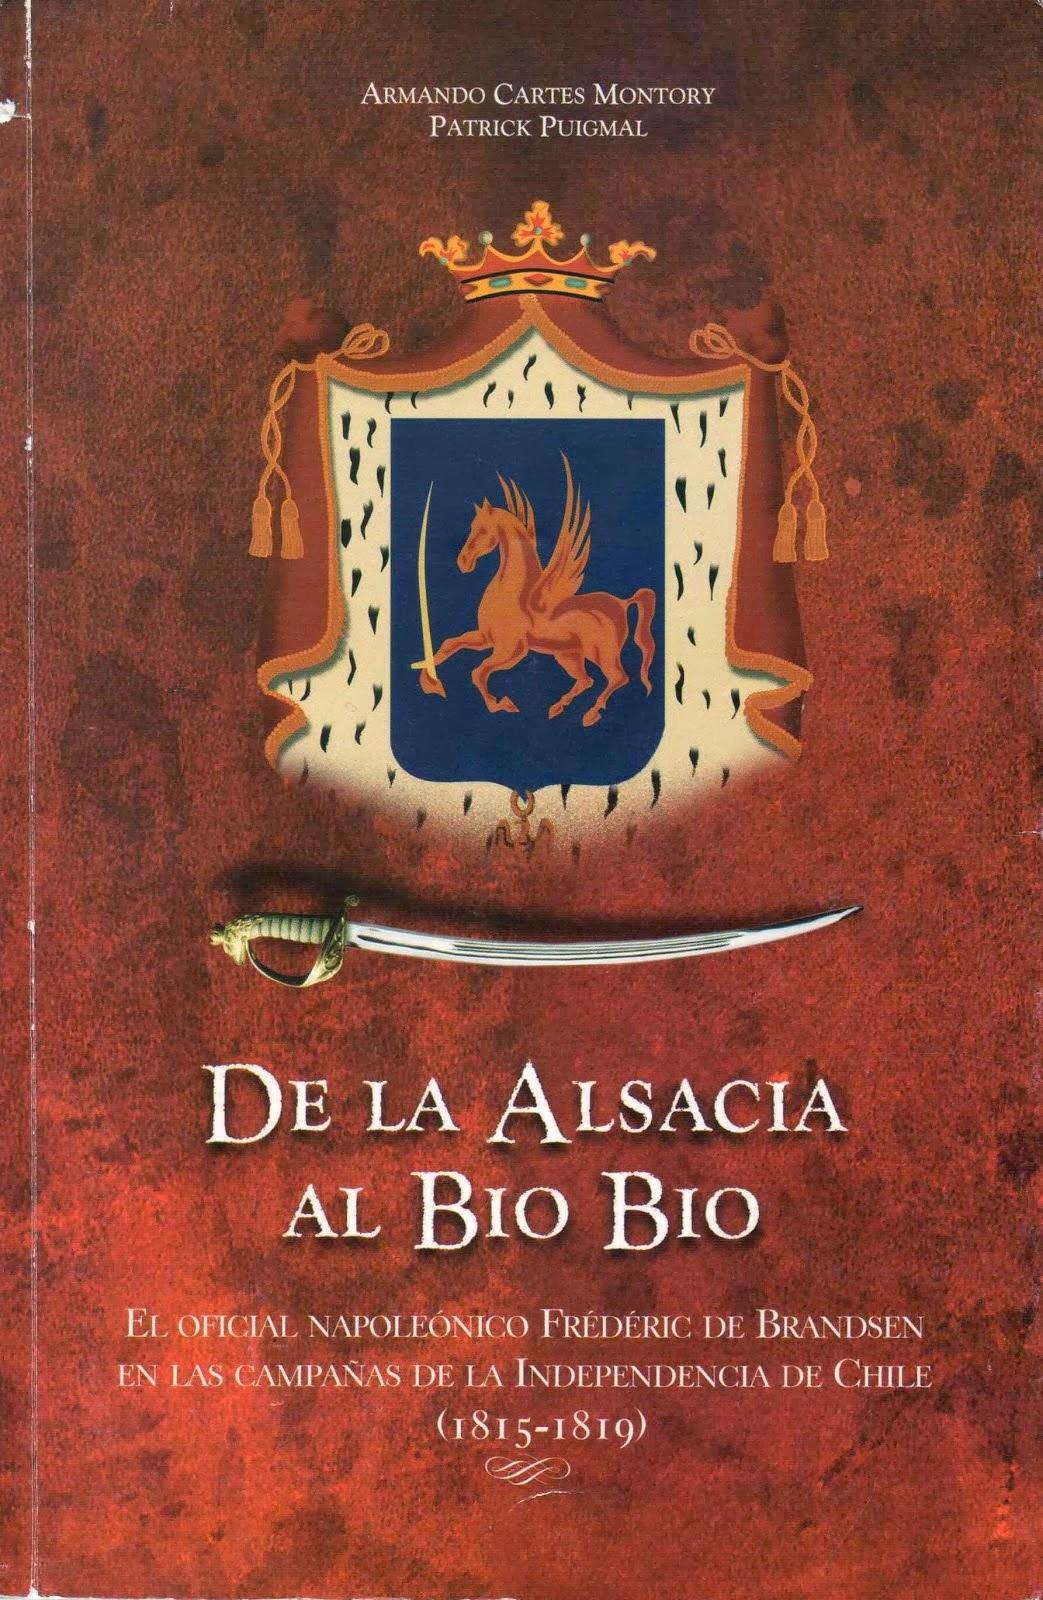 DE LA ALSACIA AL BIO BIO 1815-1819 - Frederic de BRANDSEN